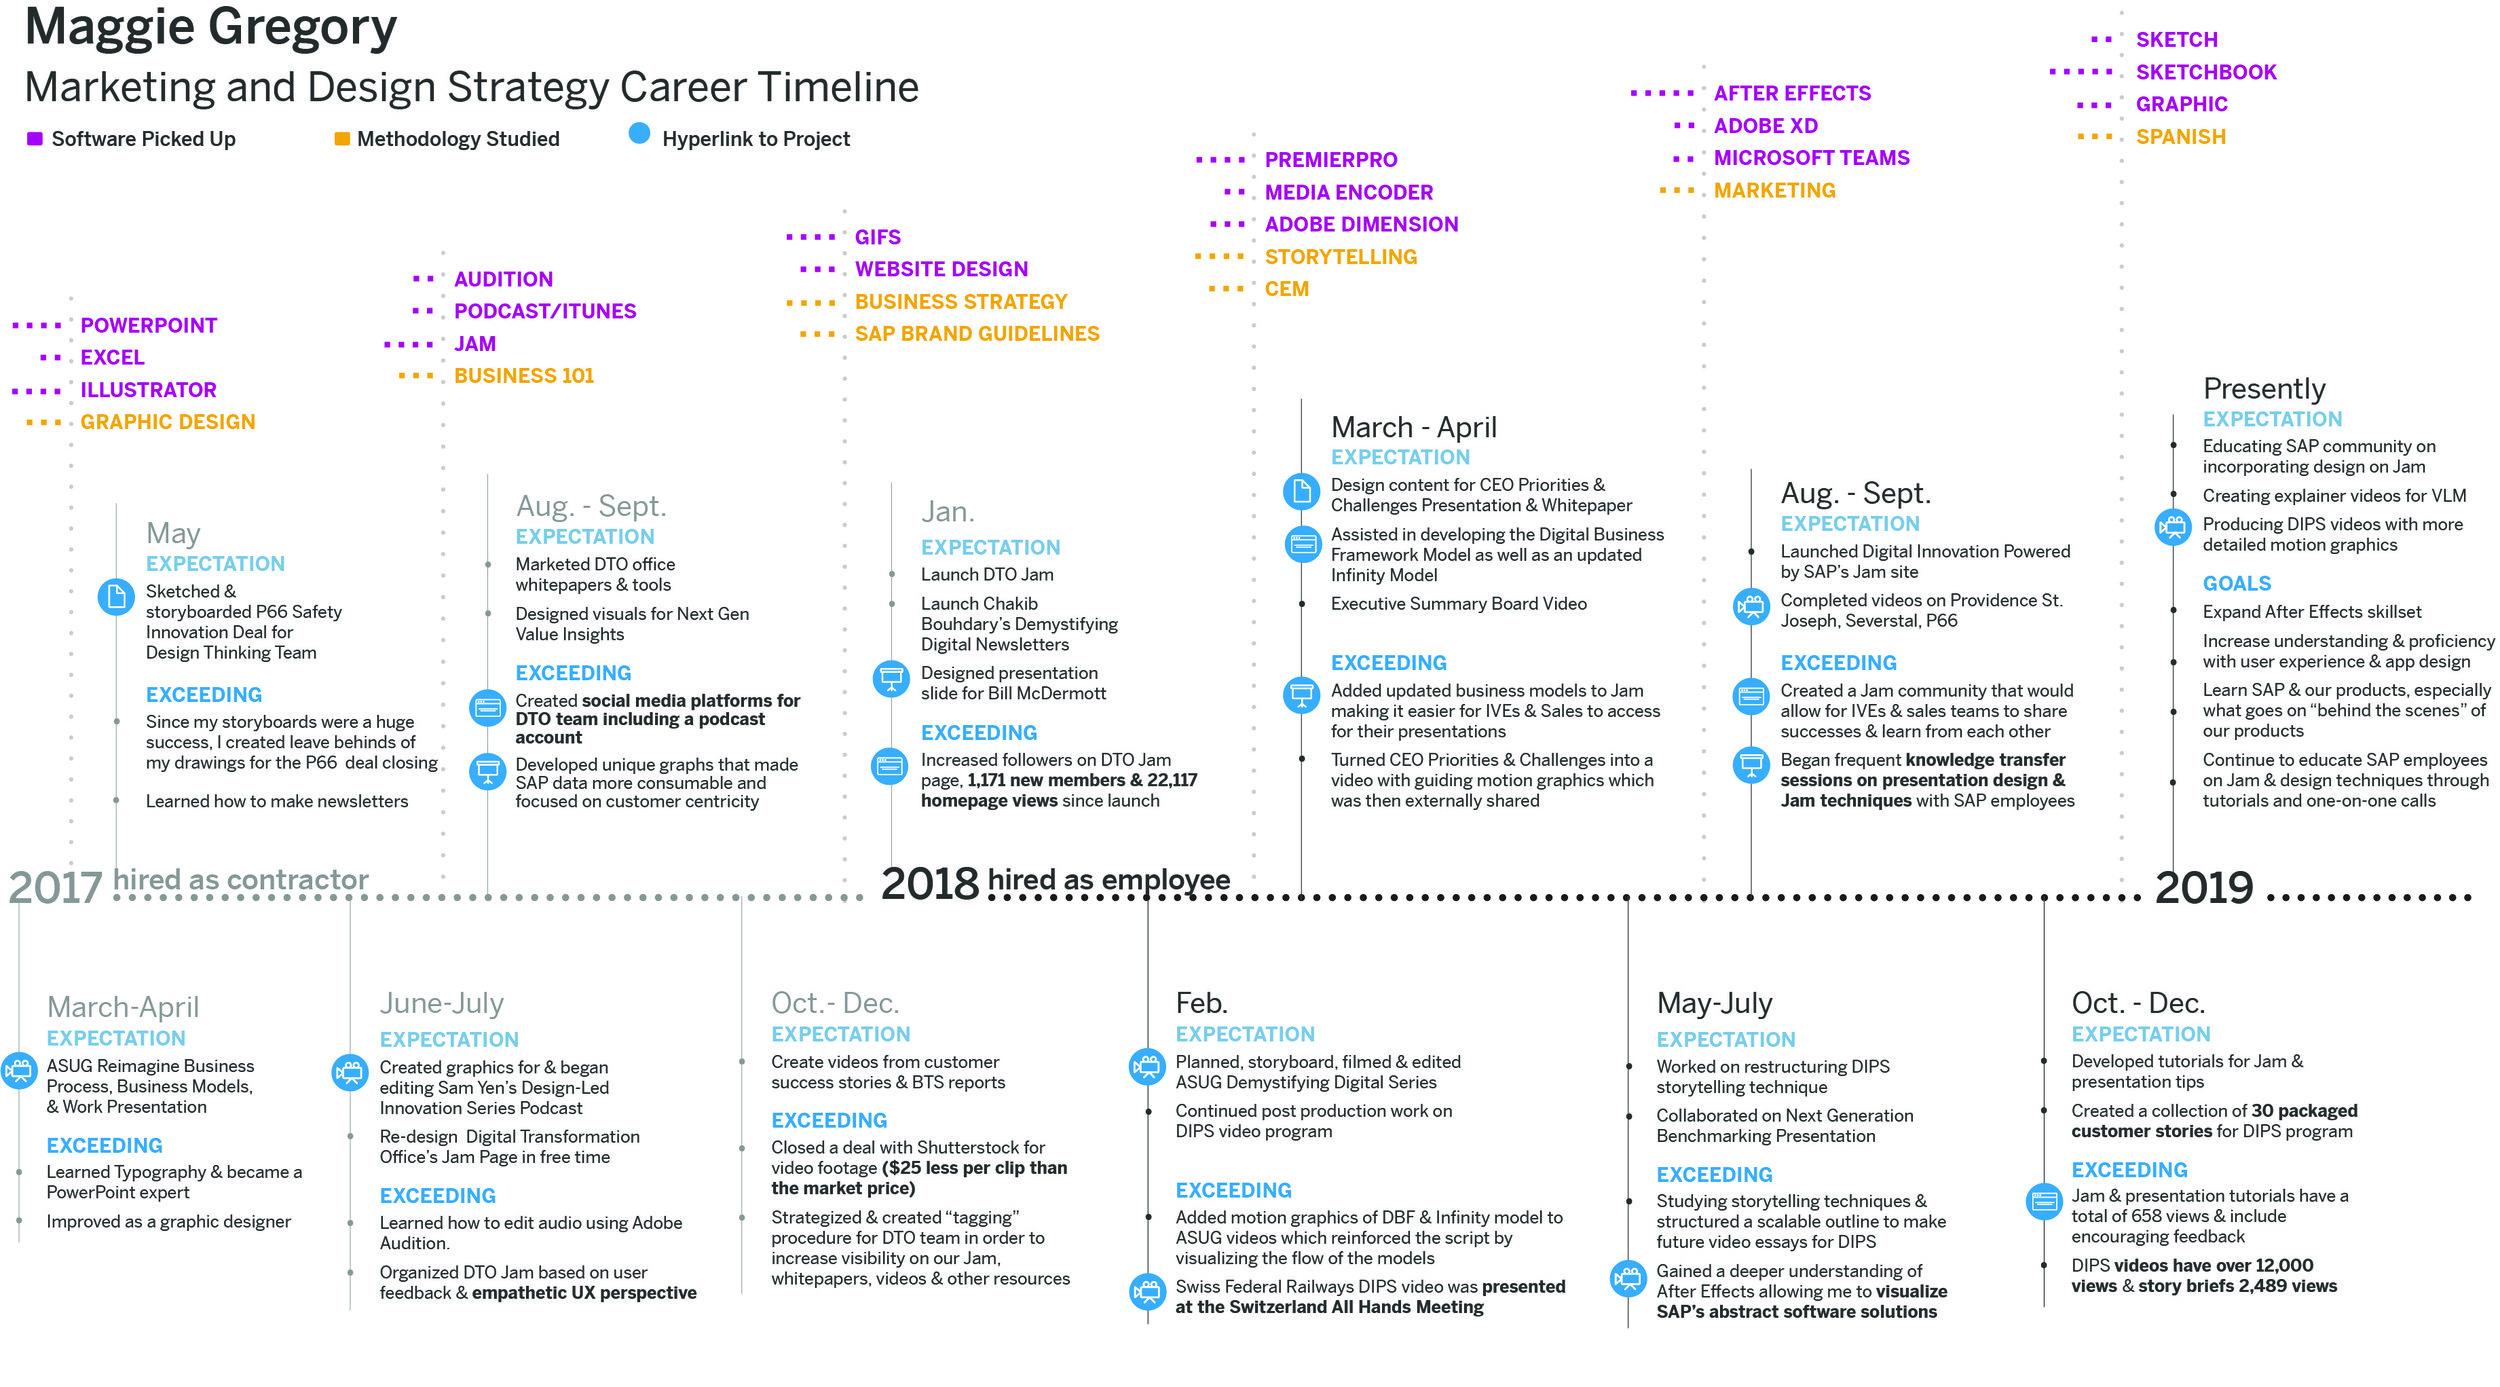 careertimeline_maggie_v3.jpg